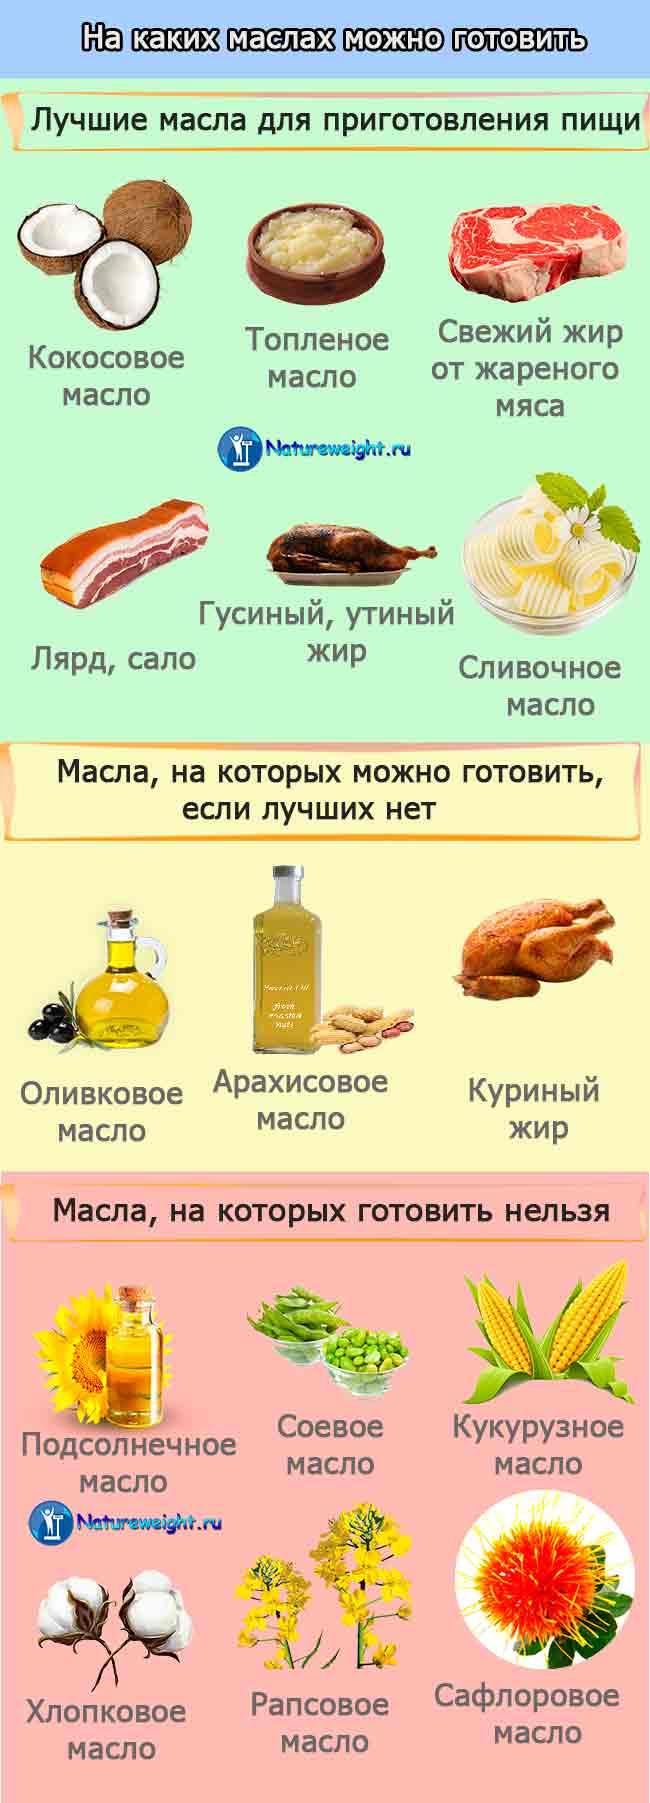 инфографика - правильный выбор масла для приготовления пищи